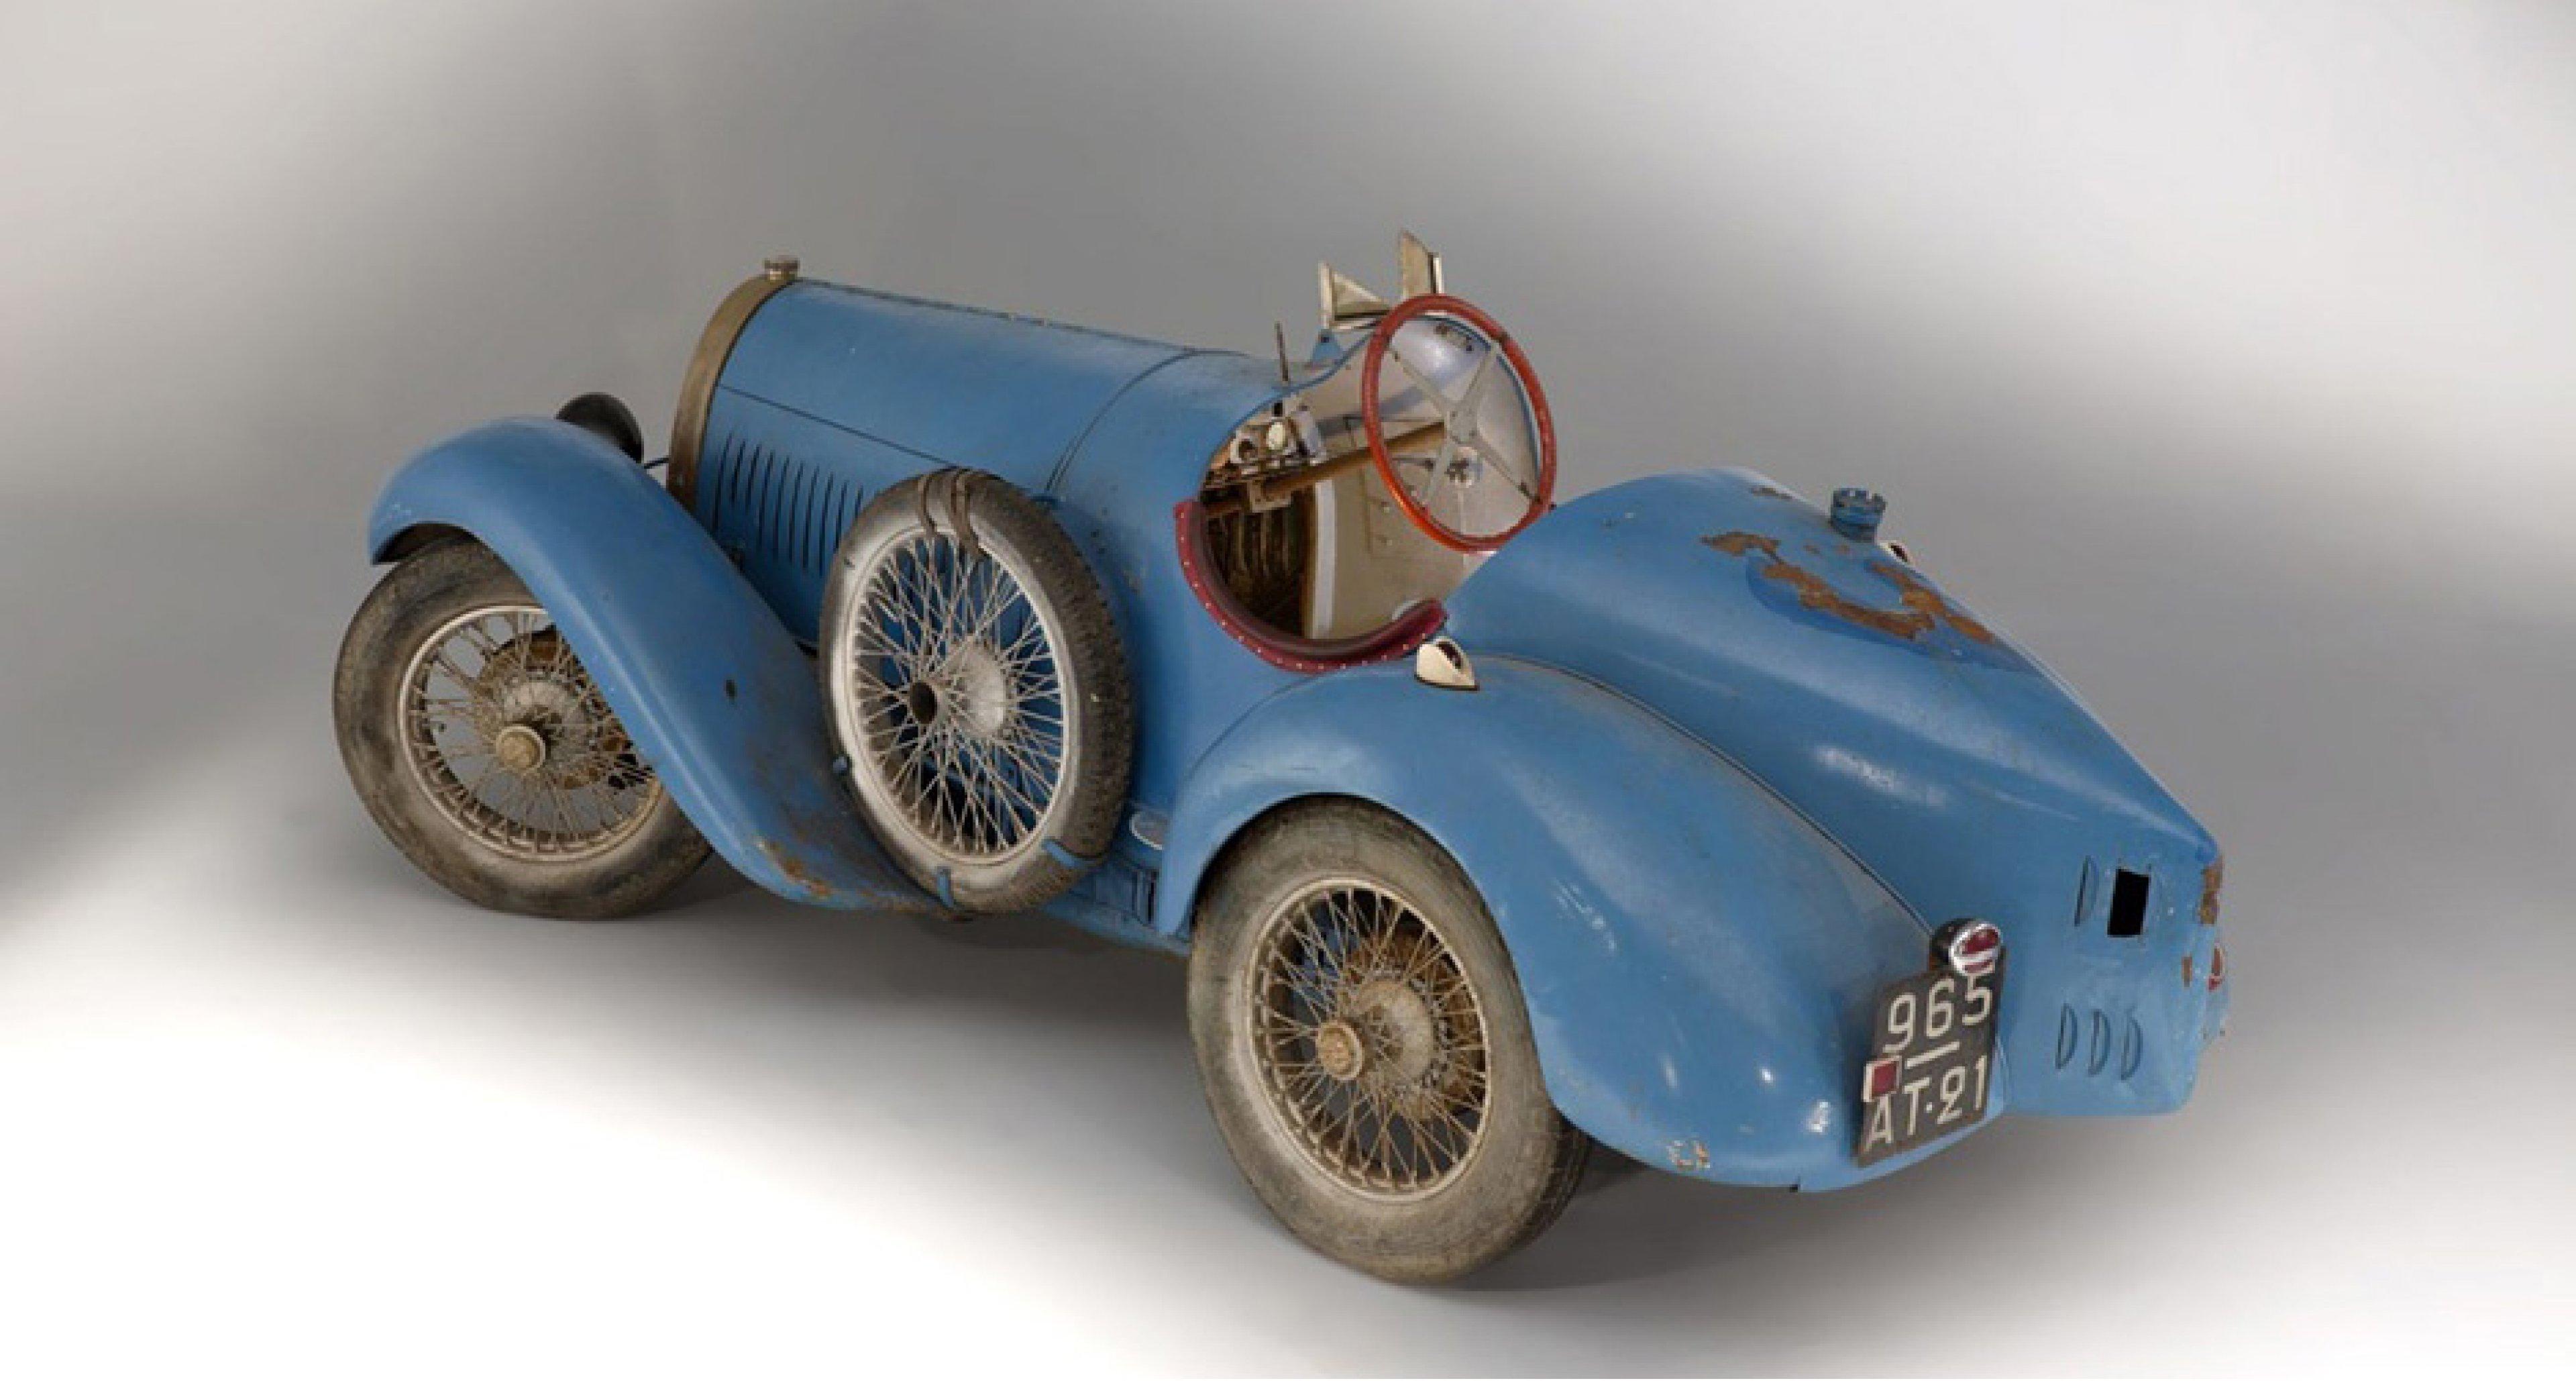 Bugattis For Sale >> Bugatti 'Brescia' triples estimate at Artcurial's Paris ...